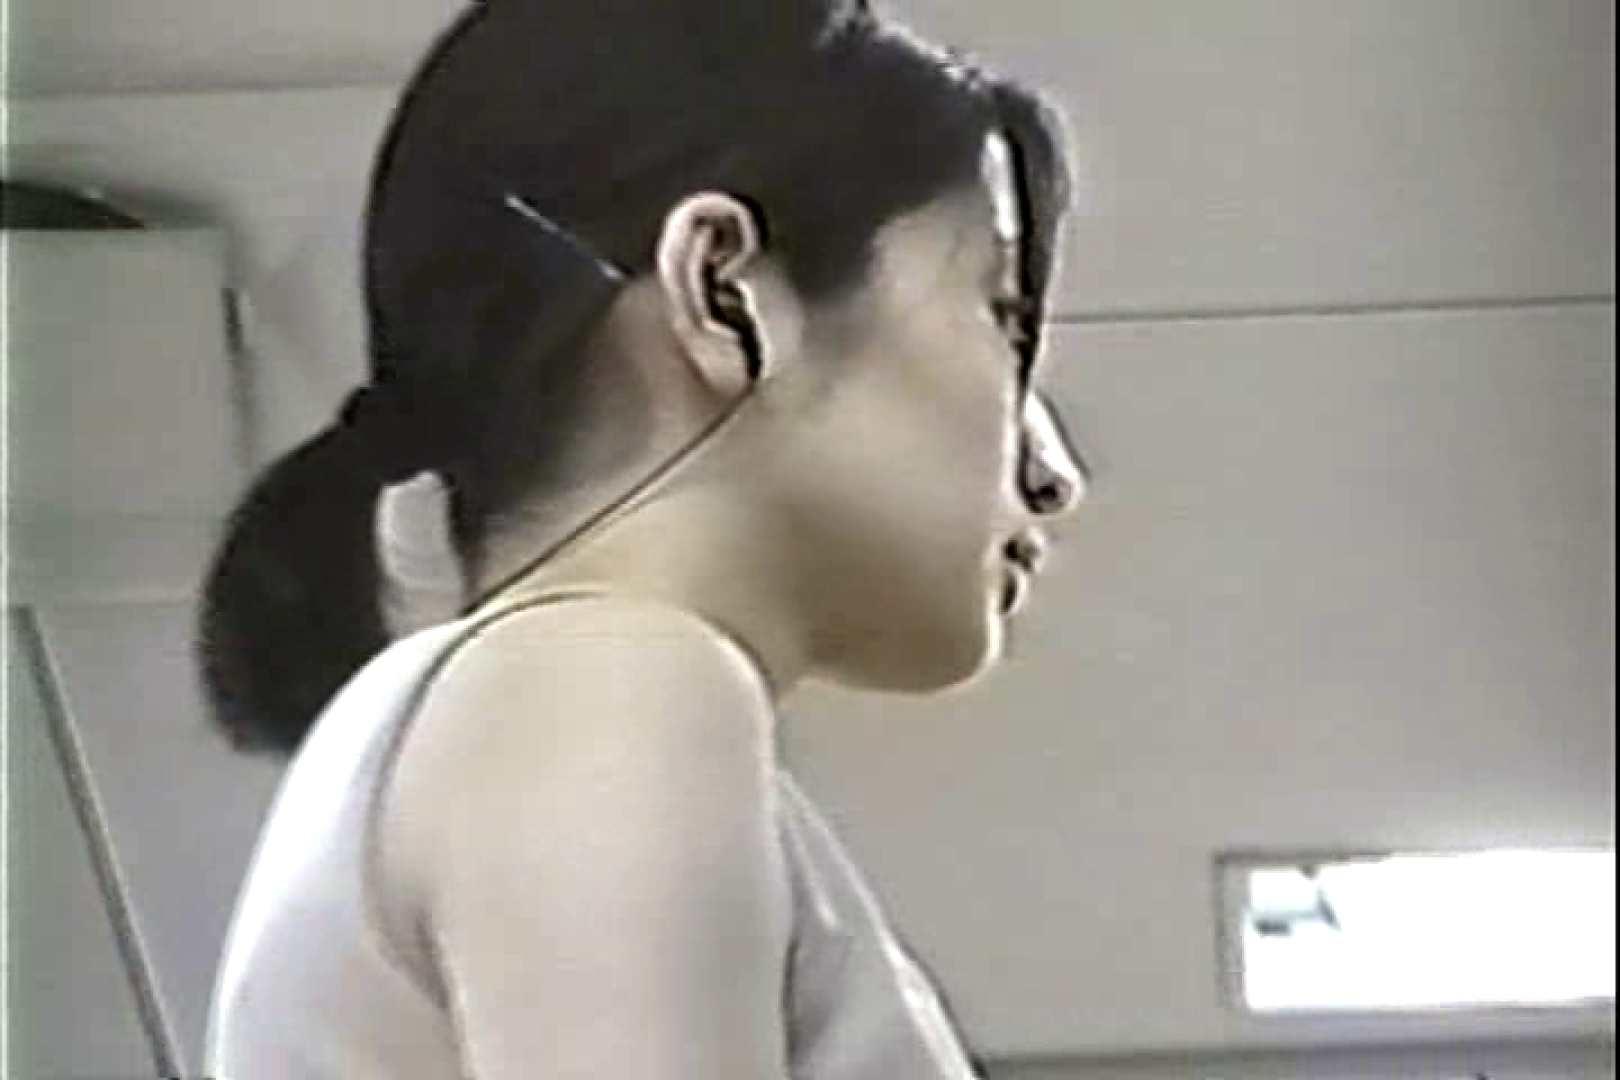 「ちくりん」さんのオリジナル未編集パンチラVol.6_01 チラ すけべAV動画紹介 73画像 18